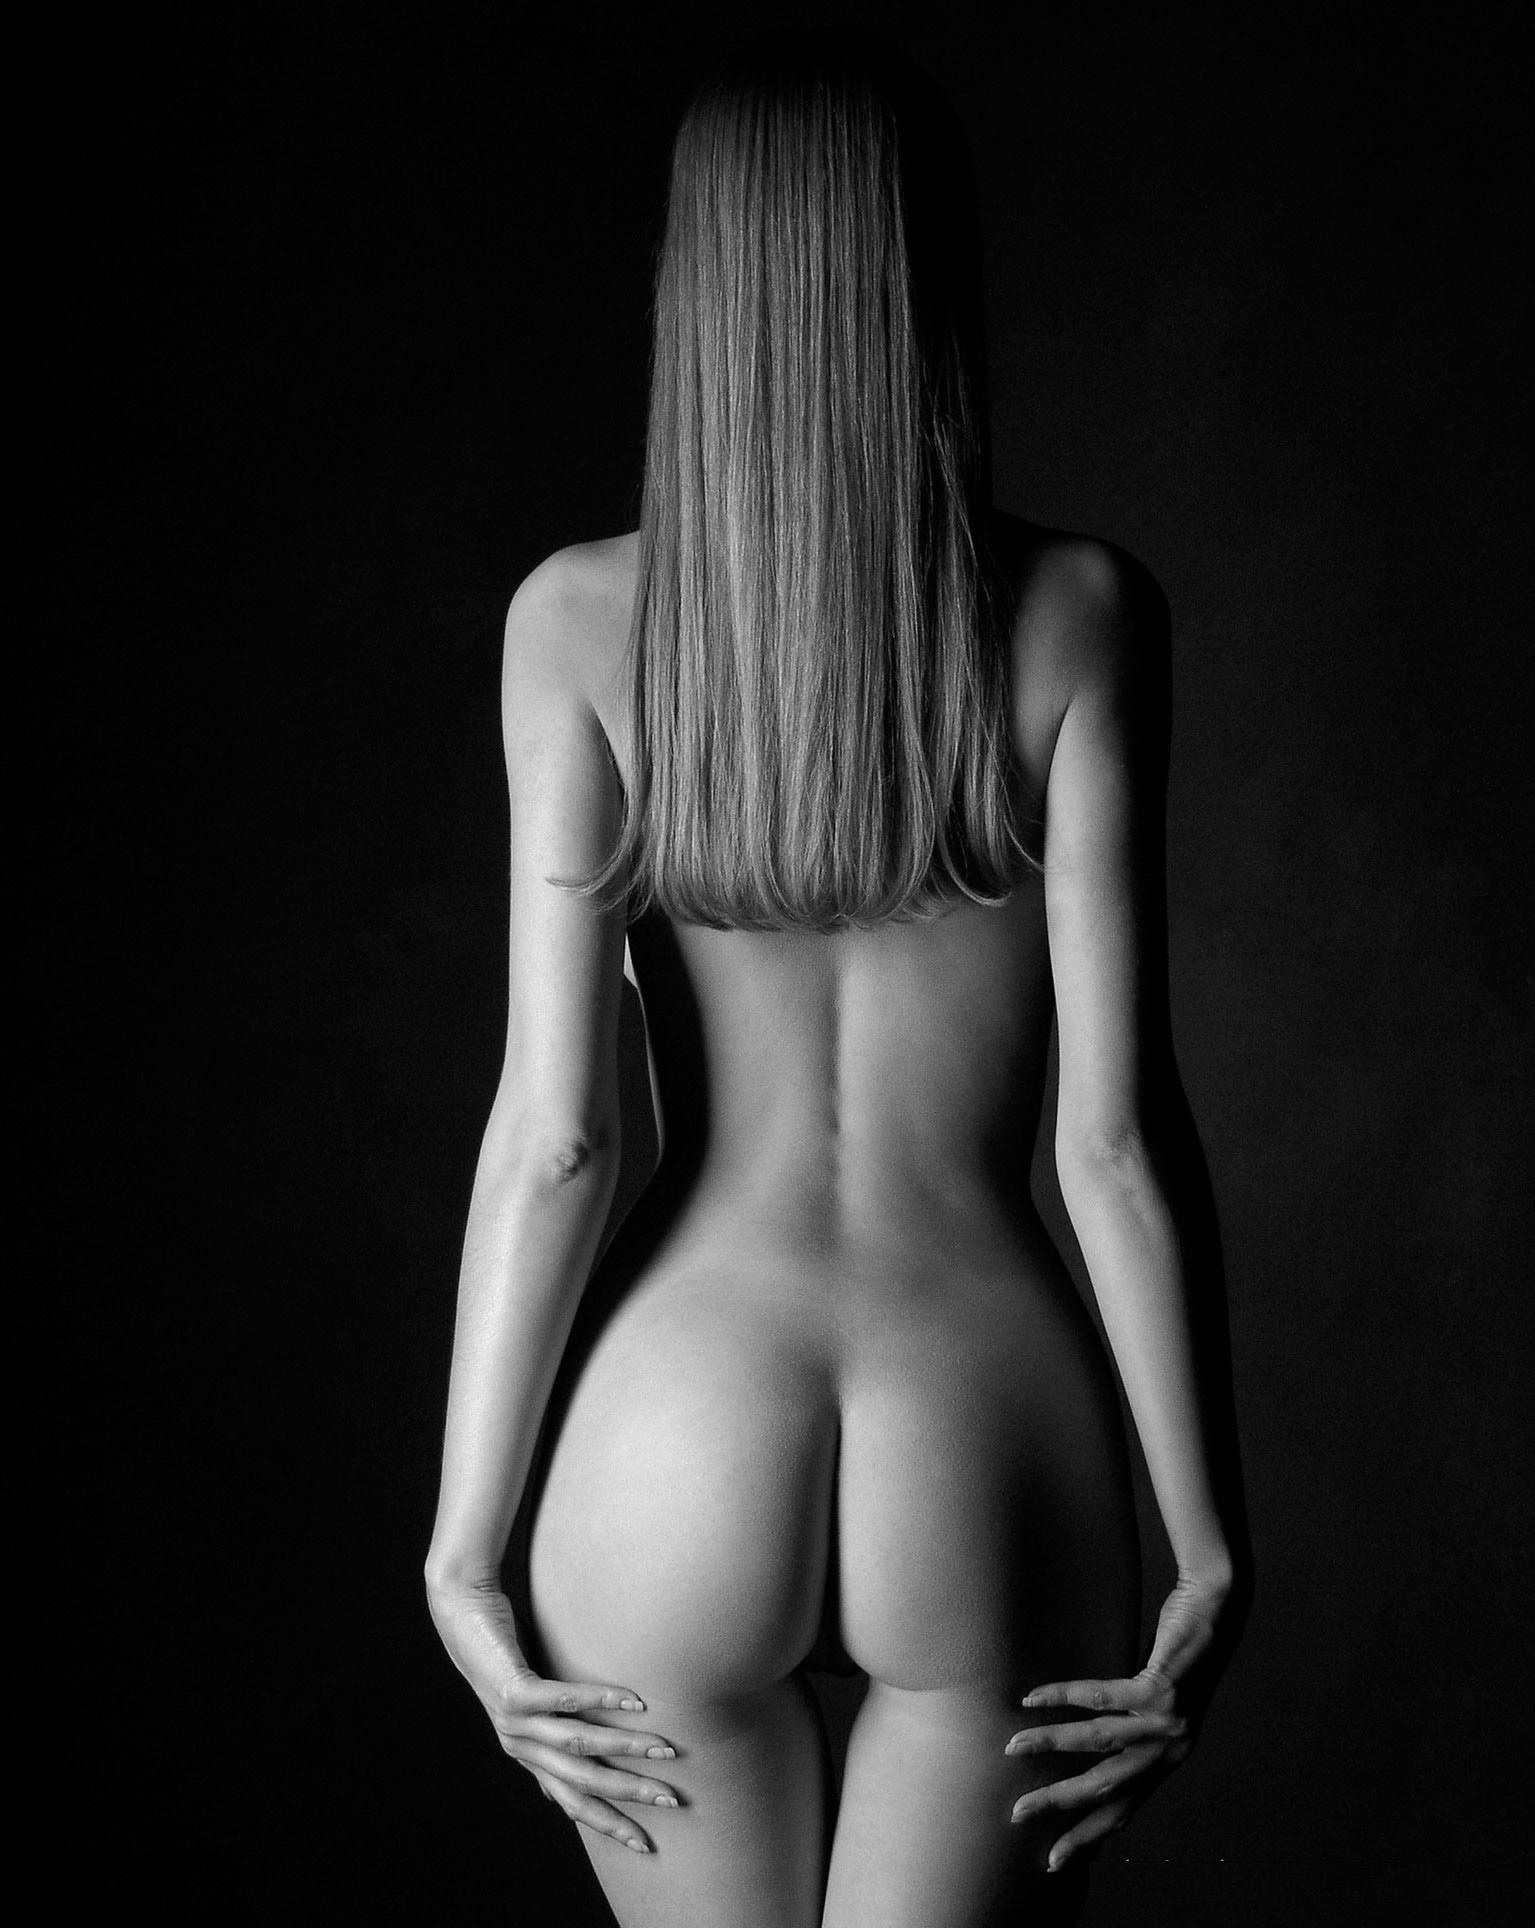 Черно эротическая фотография